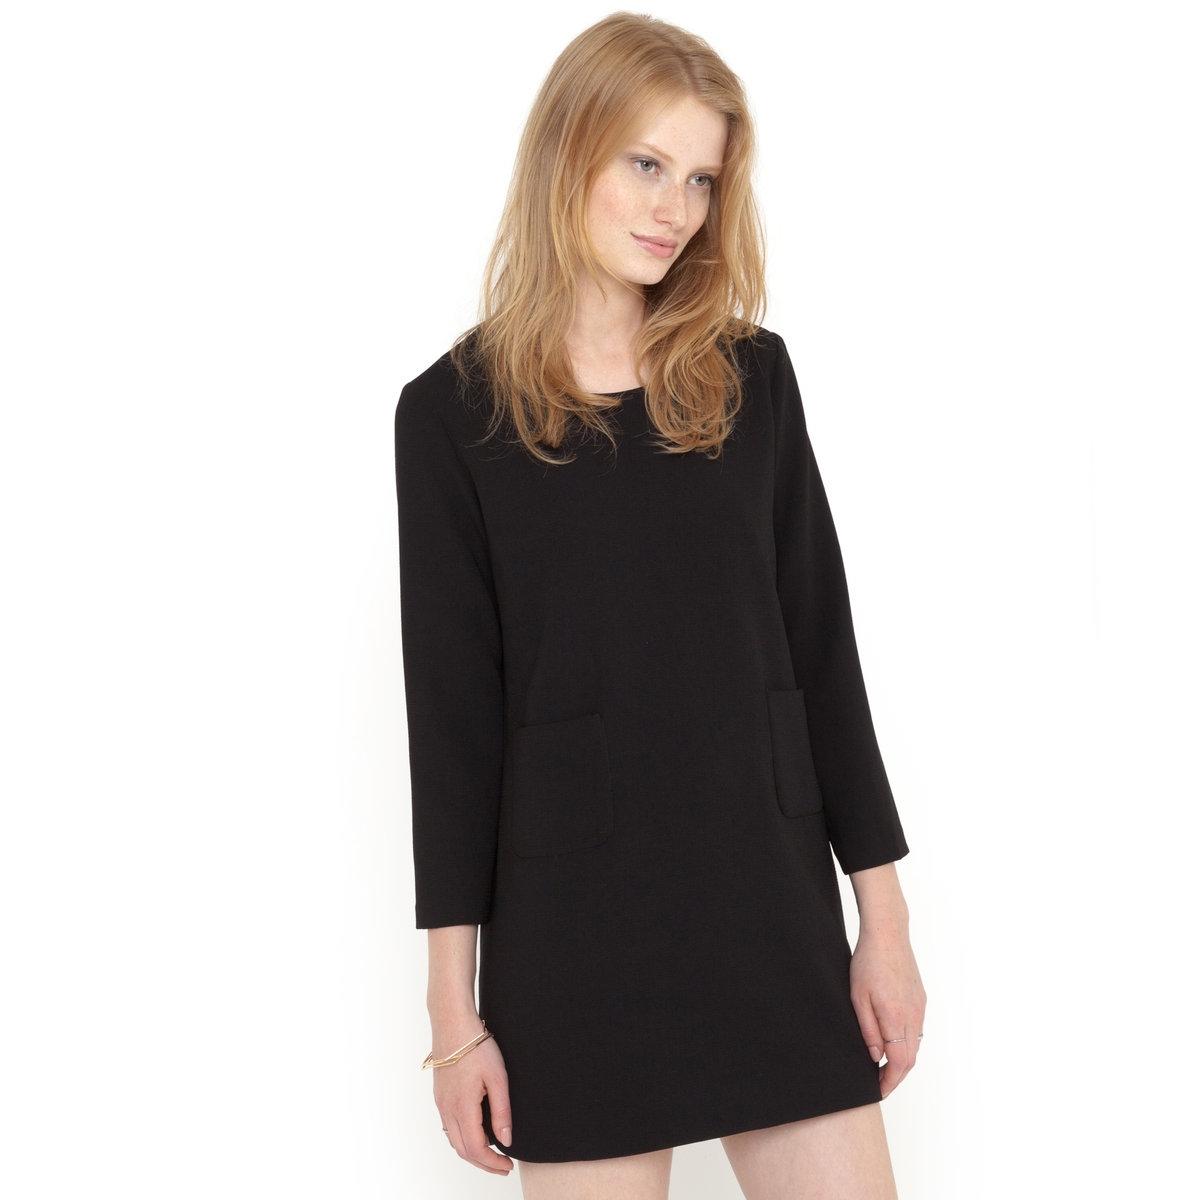 ПлатьеПлатье SUNCOO. 100% вискозы. Круглый вырез. Рукава 3/4. Разрезы по бокам.<br><br>Цвет: черный